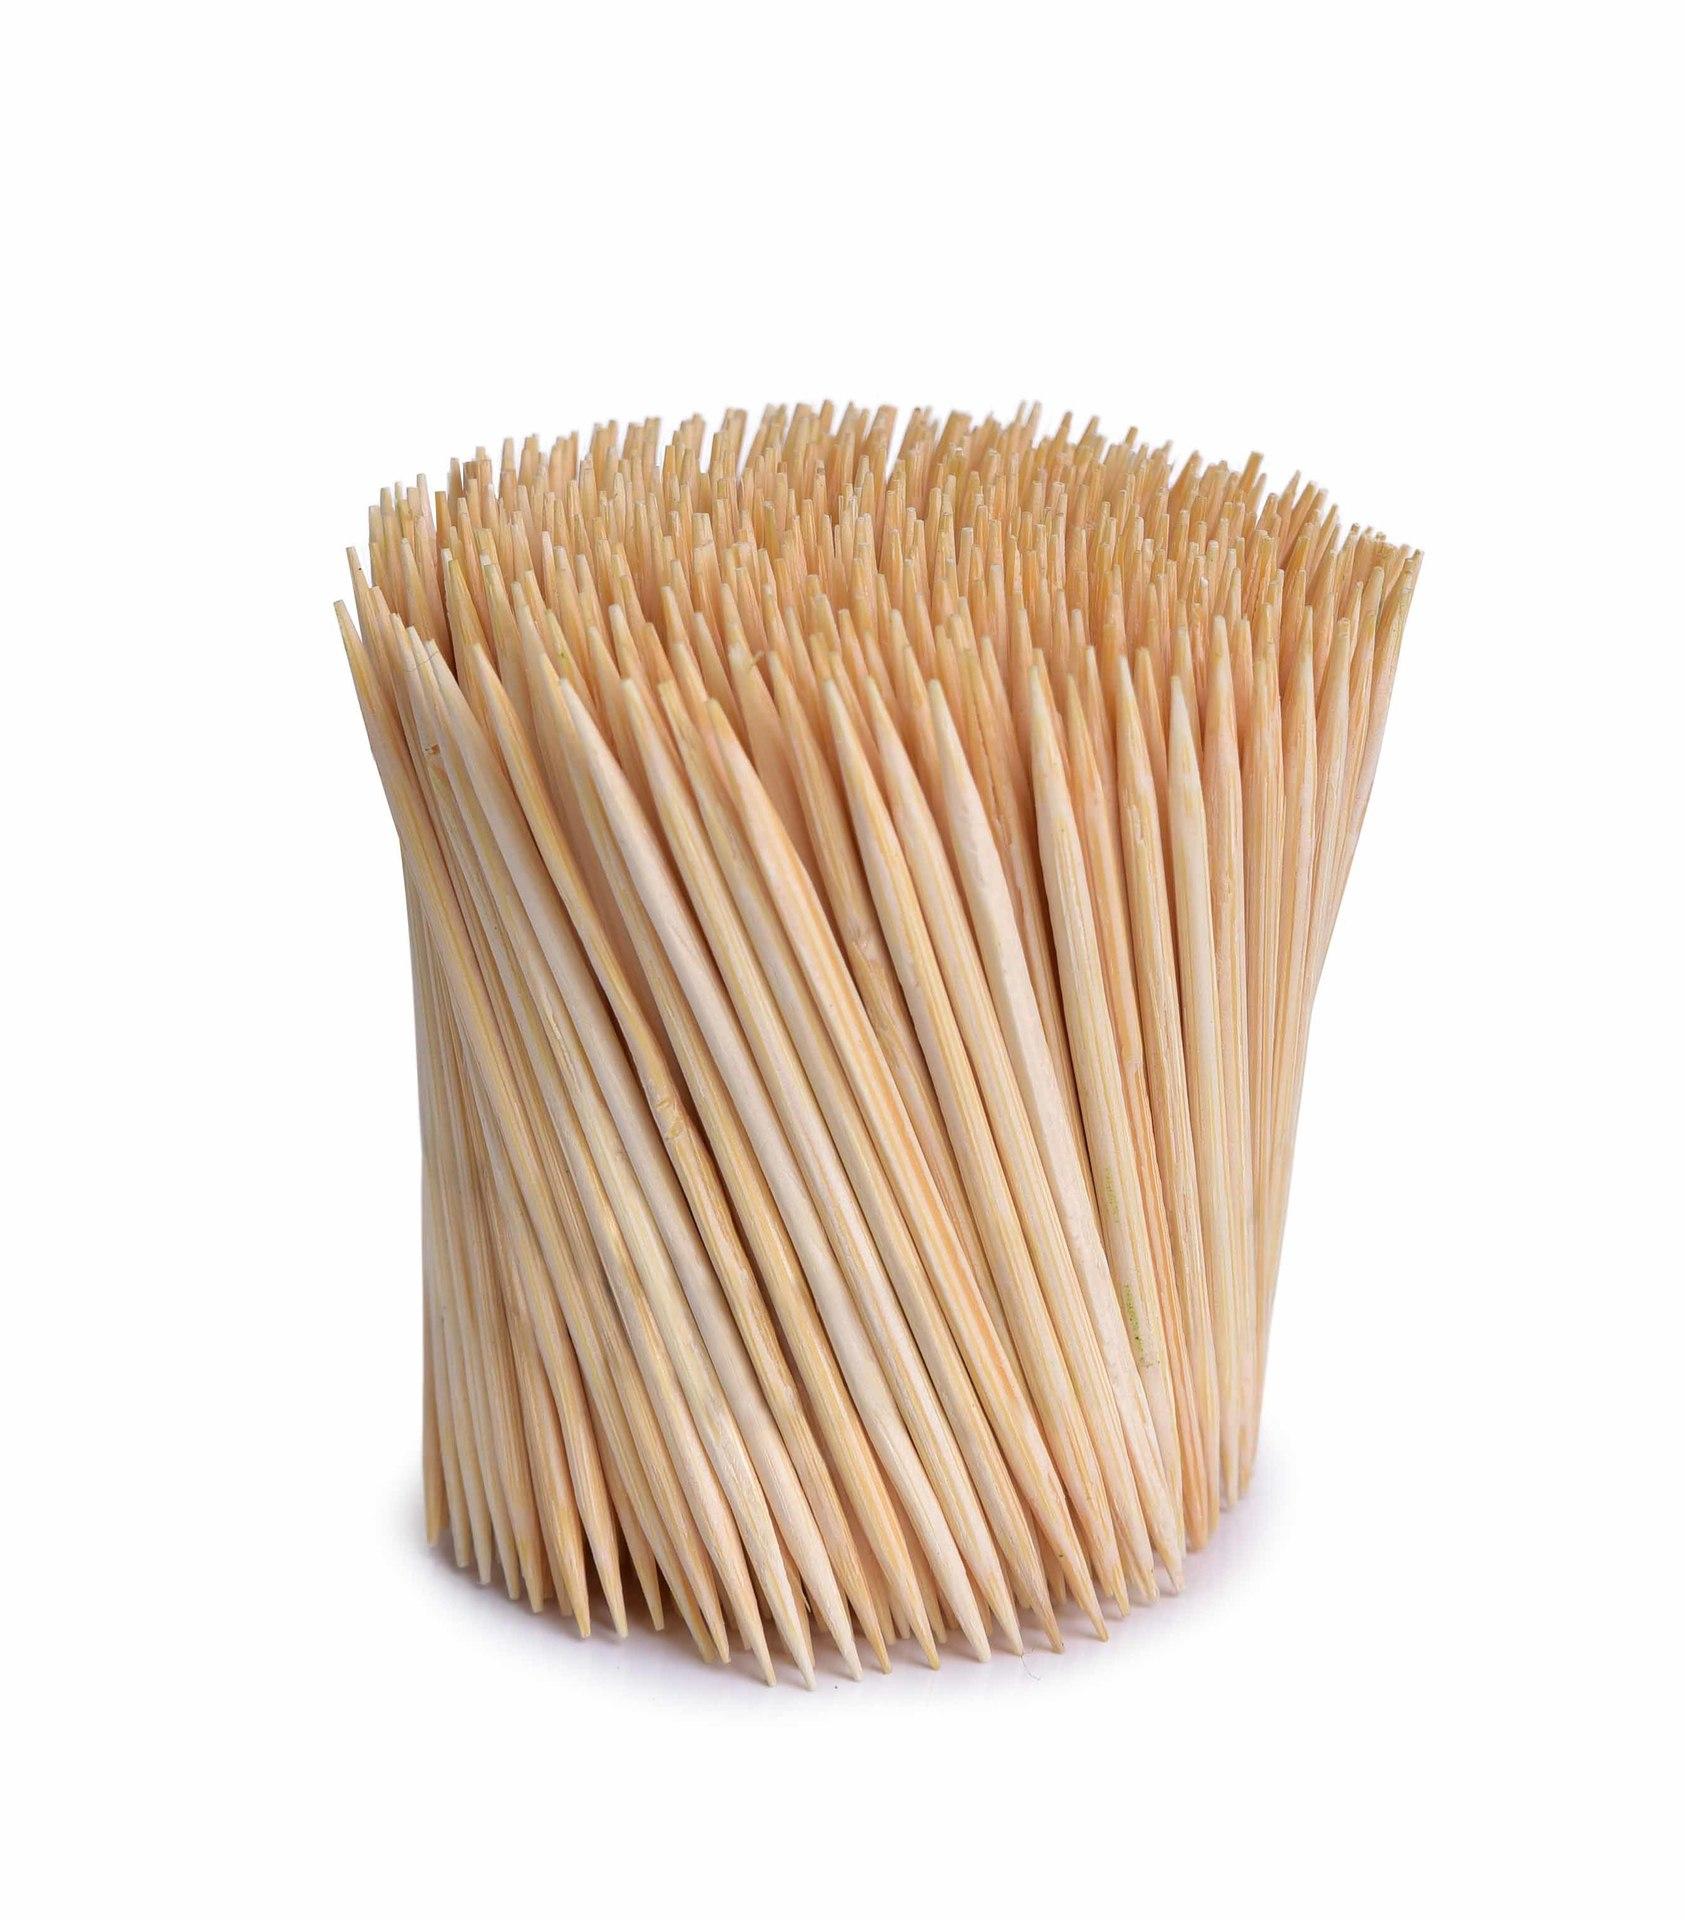 500 ks bambusová párátka GoEco®, v papírové krabičce